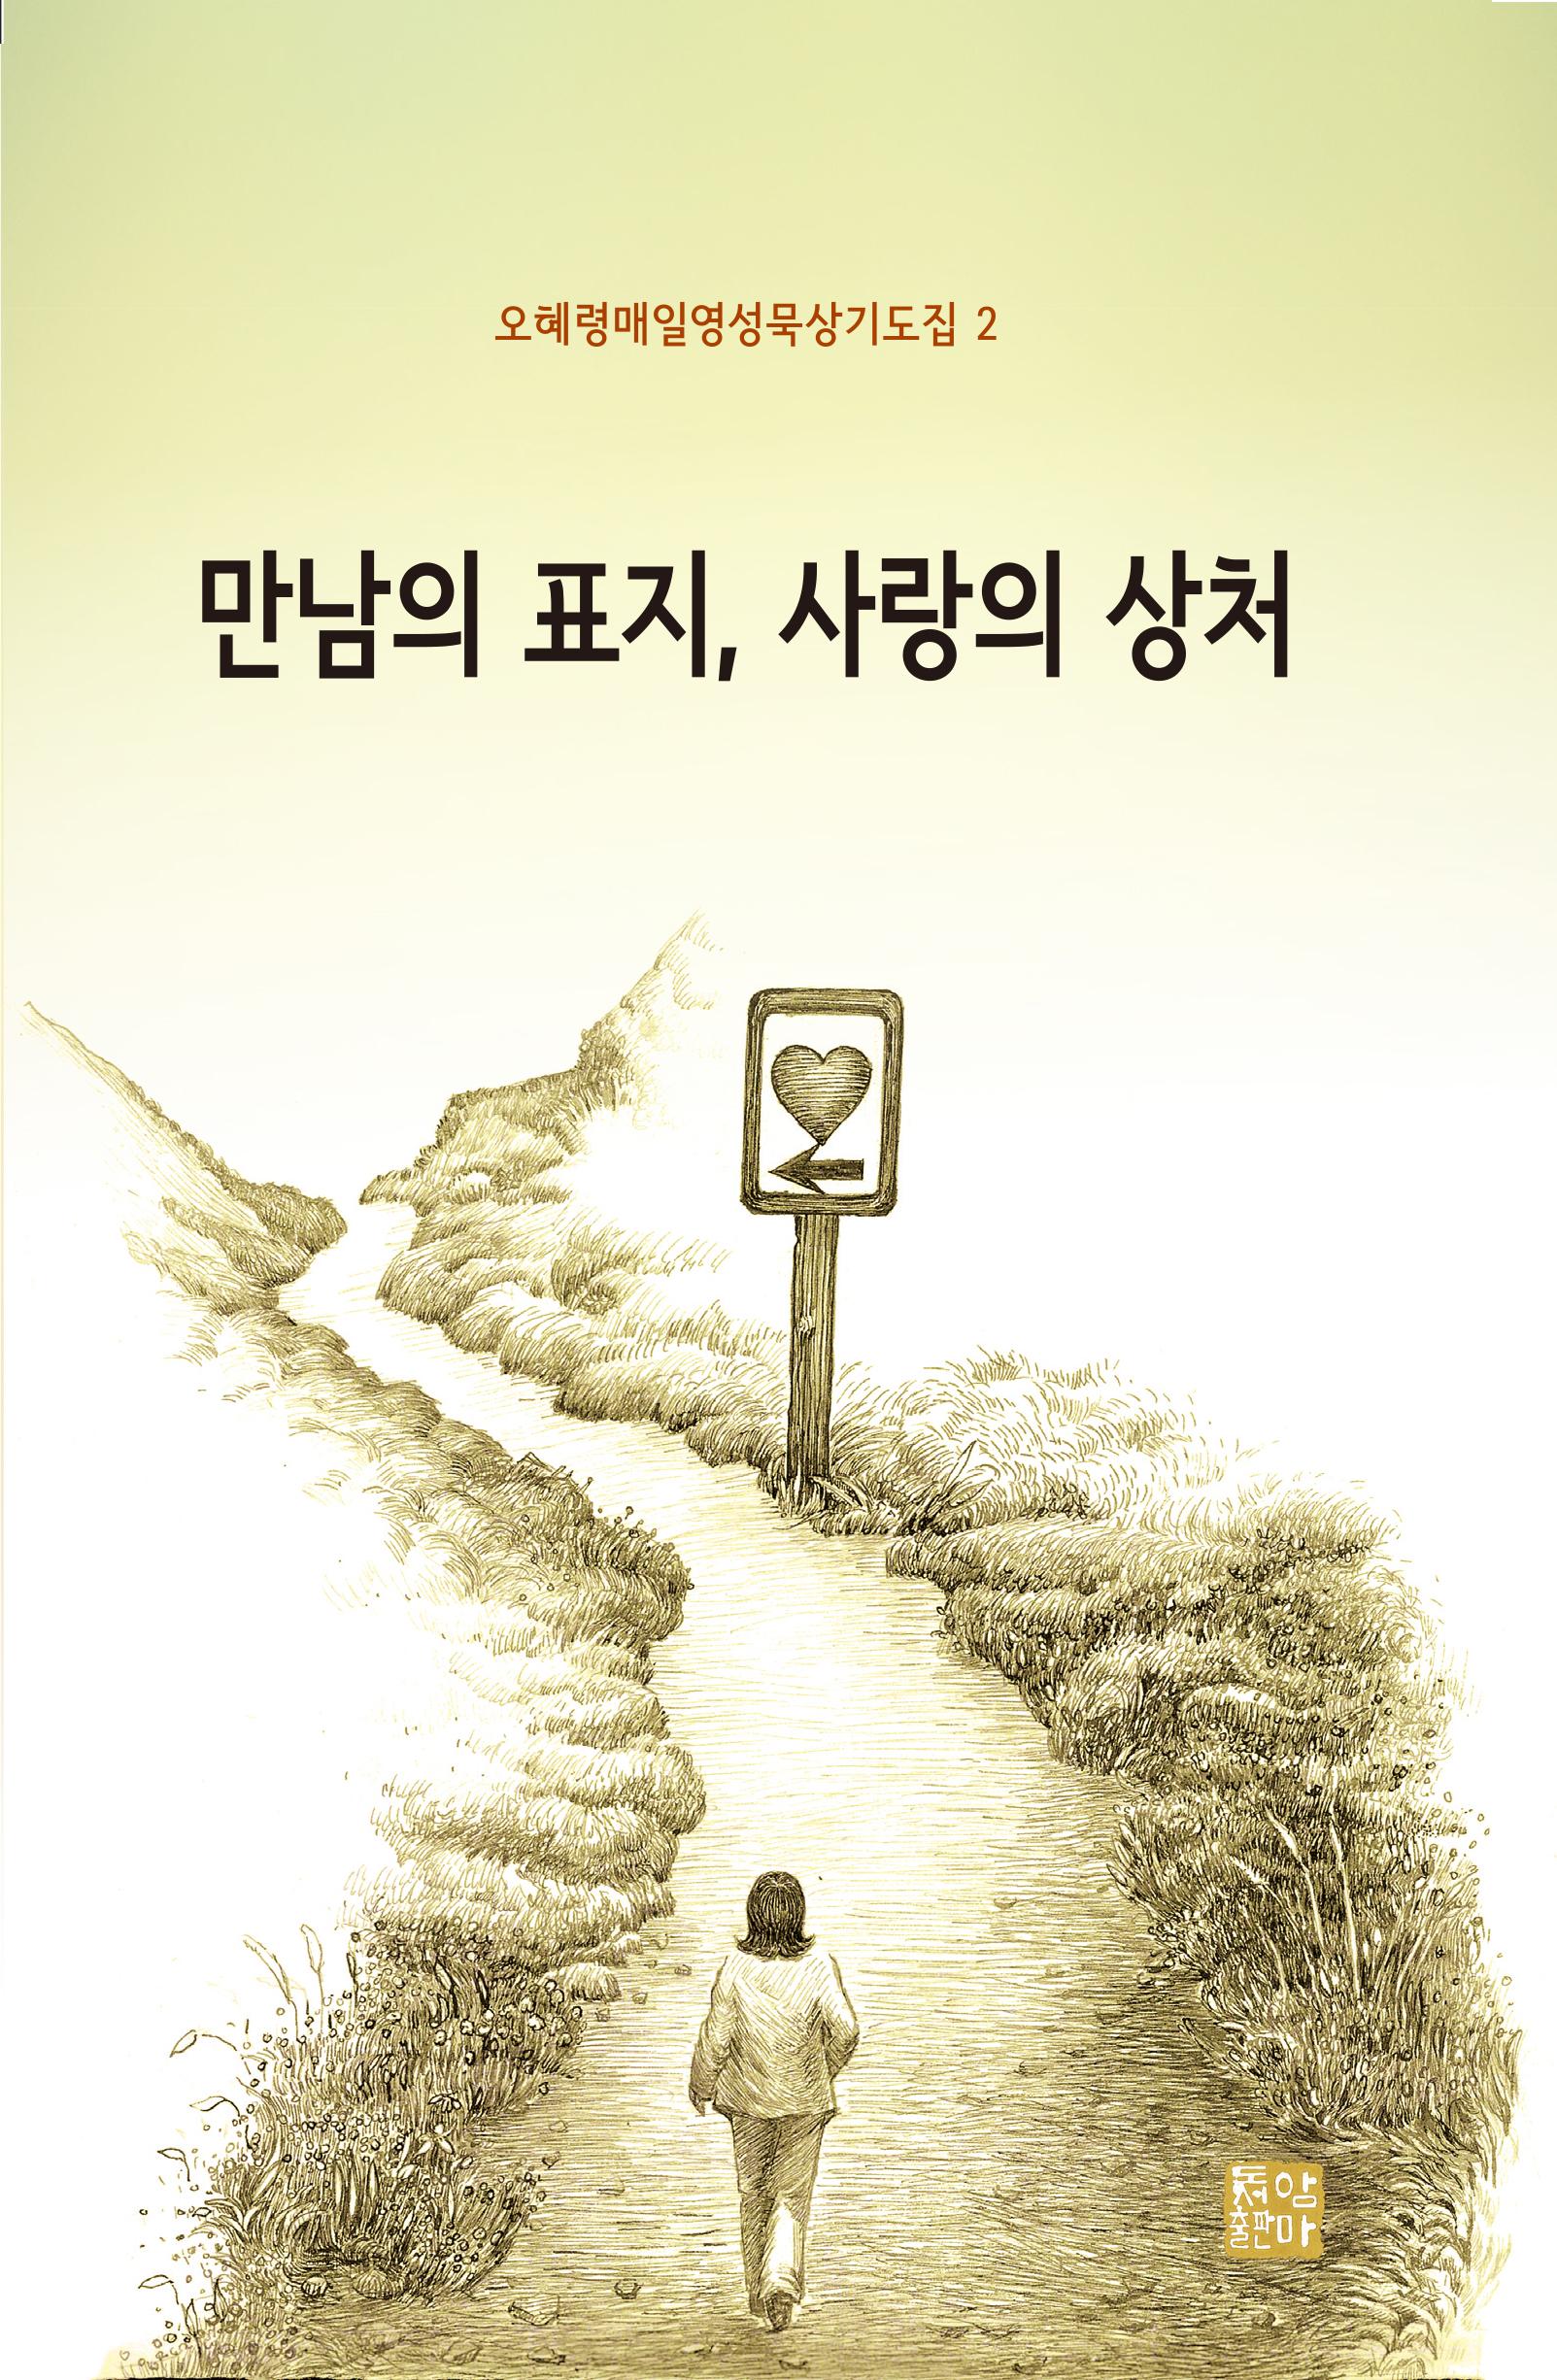 book60 만남의 표지, 사랑의 상처.jpg